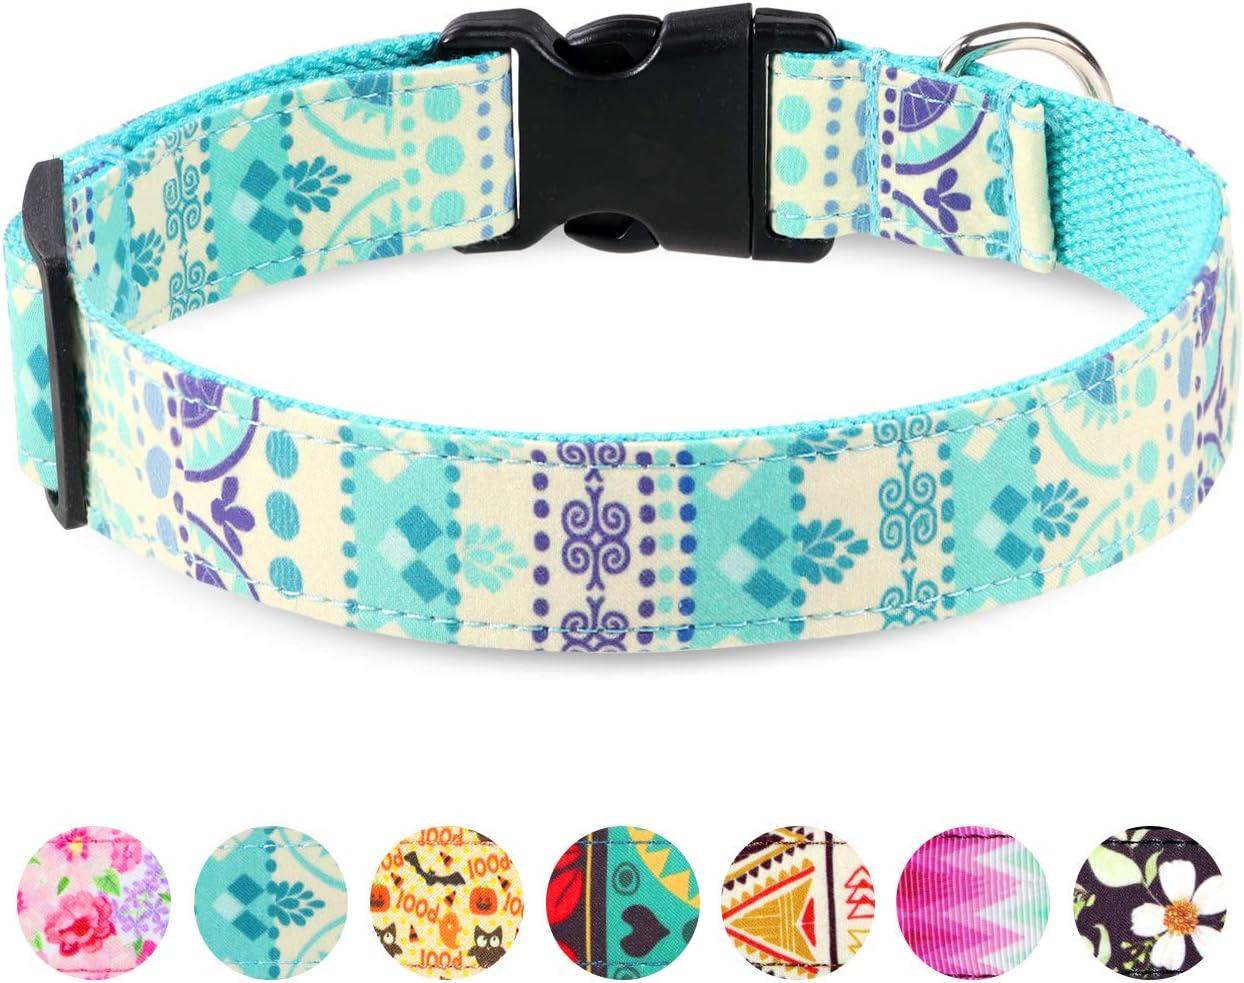 Taglory Collar Perro Ajustable,Estilo Único Collar Adiestramiento para Perros Grandes,40-60cm Azul Étnico